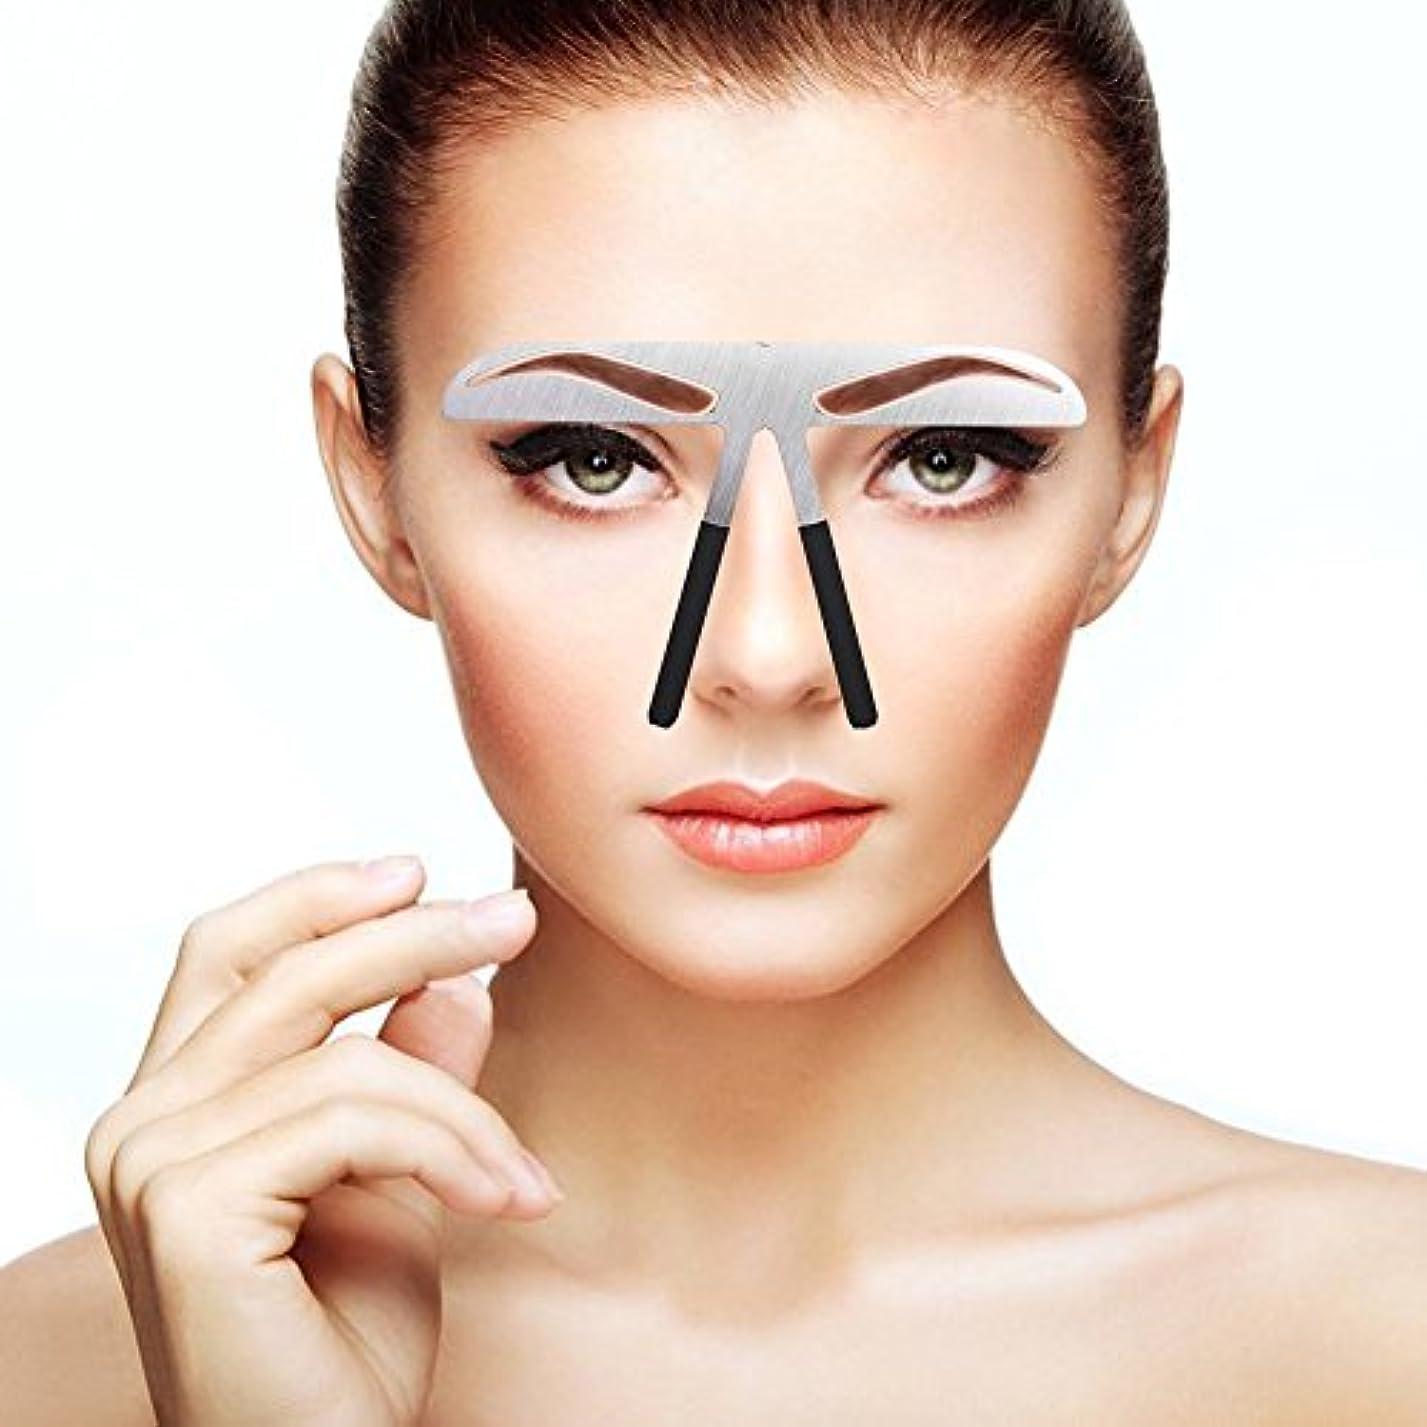 手書き中絶道徳教育眉毛テンプレート、眉用ステンシル メイクアップ 美容ツール アイブローテンプレート アートメイク用定規 左右対称 位置決め 繰り返し使用 便利 初心者眉の補助器 男女兼用 (01)